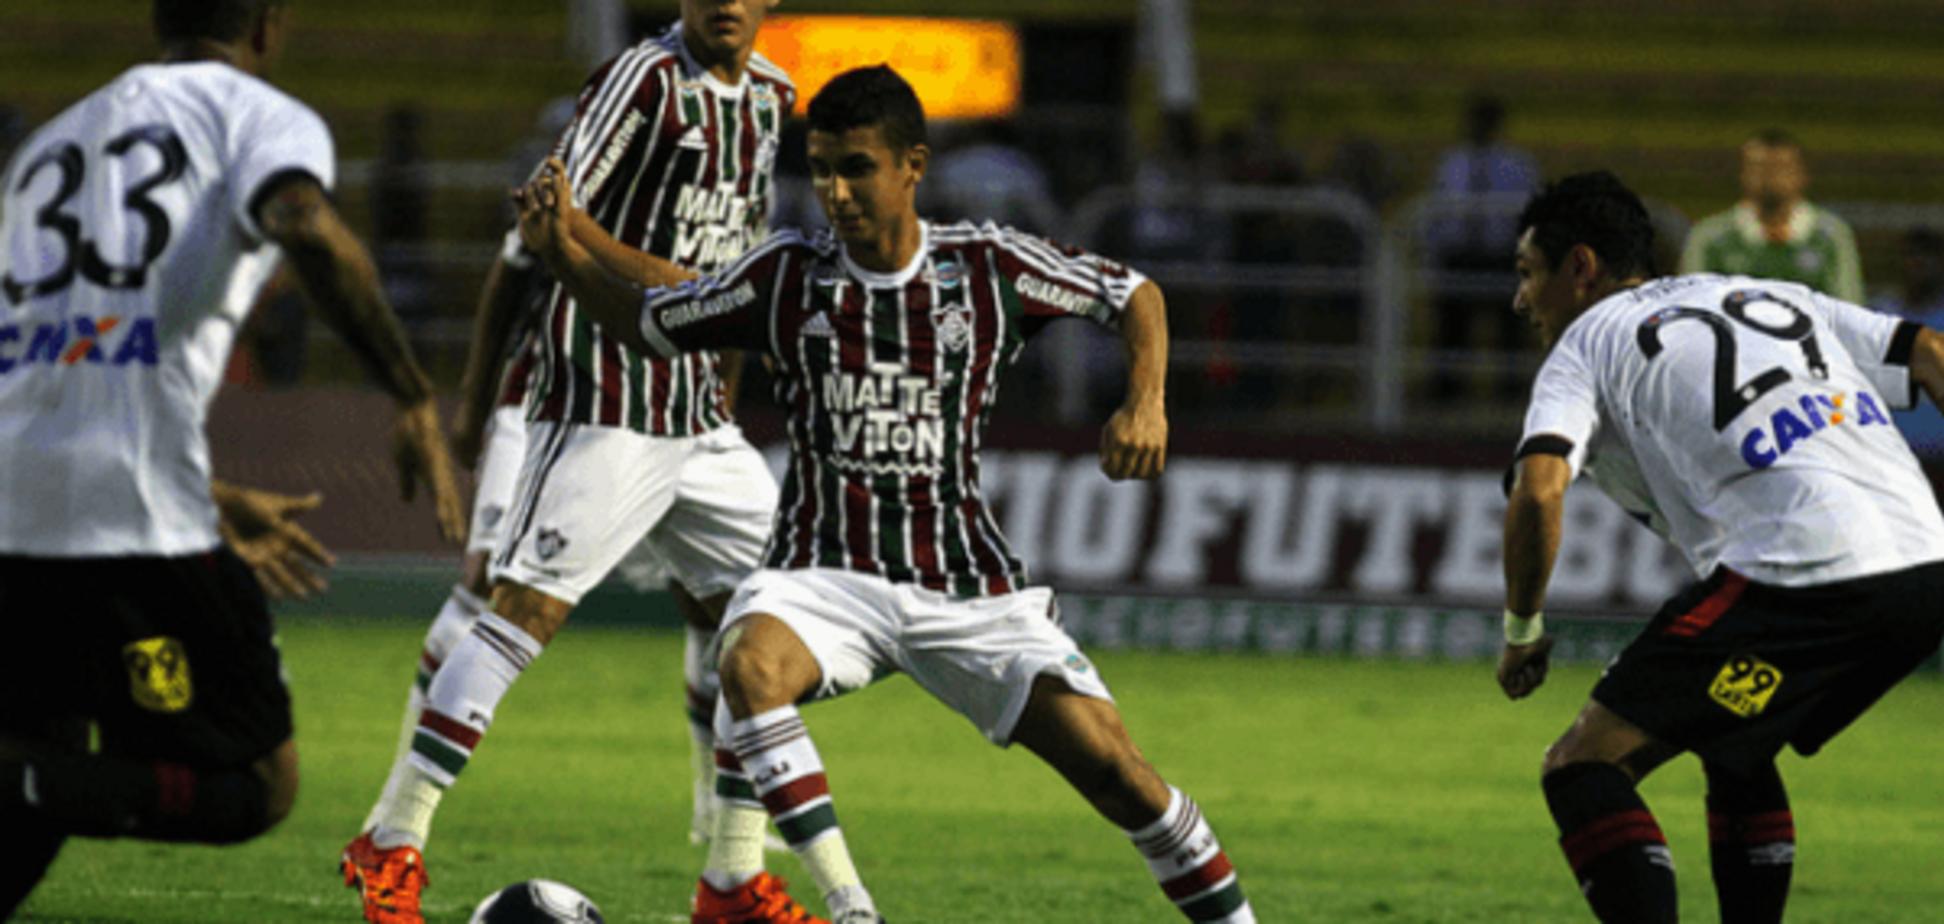 'Було б нерозумно': бразильський півзахисник не хоче грати в 'Шахтарі'